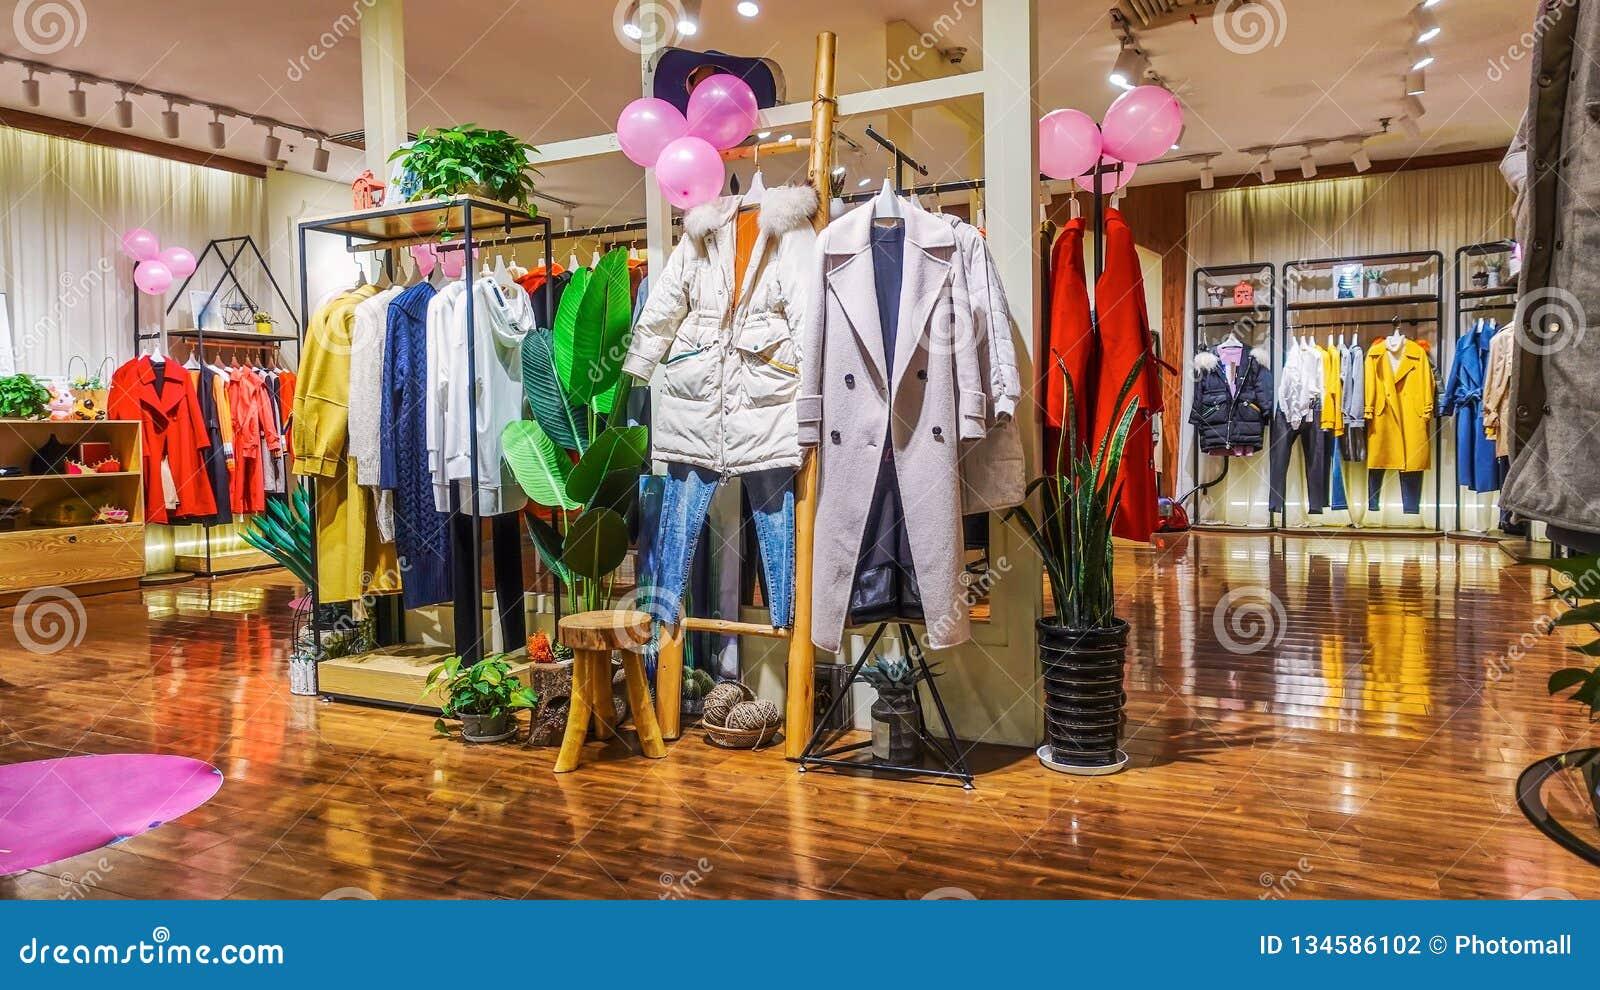 79b72d2eaeaf22 Intérieur De Magasin De Mode De Femme Photographie éditorial - Image ...